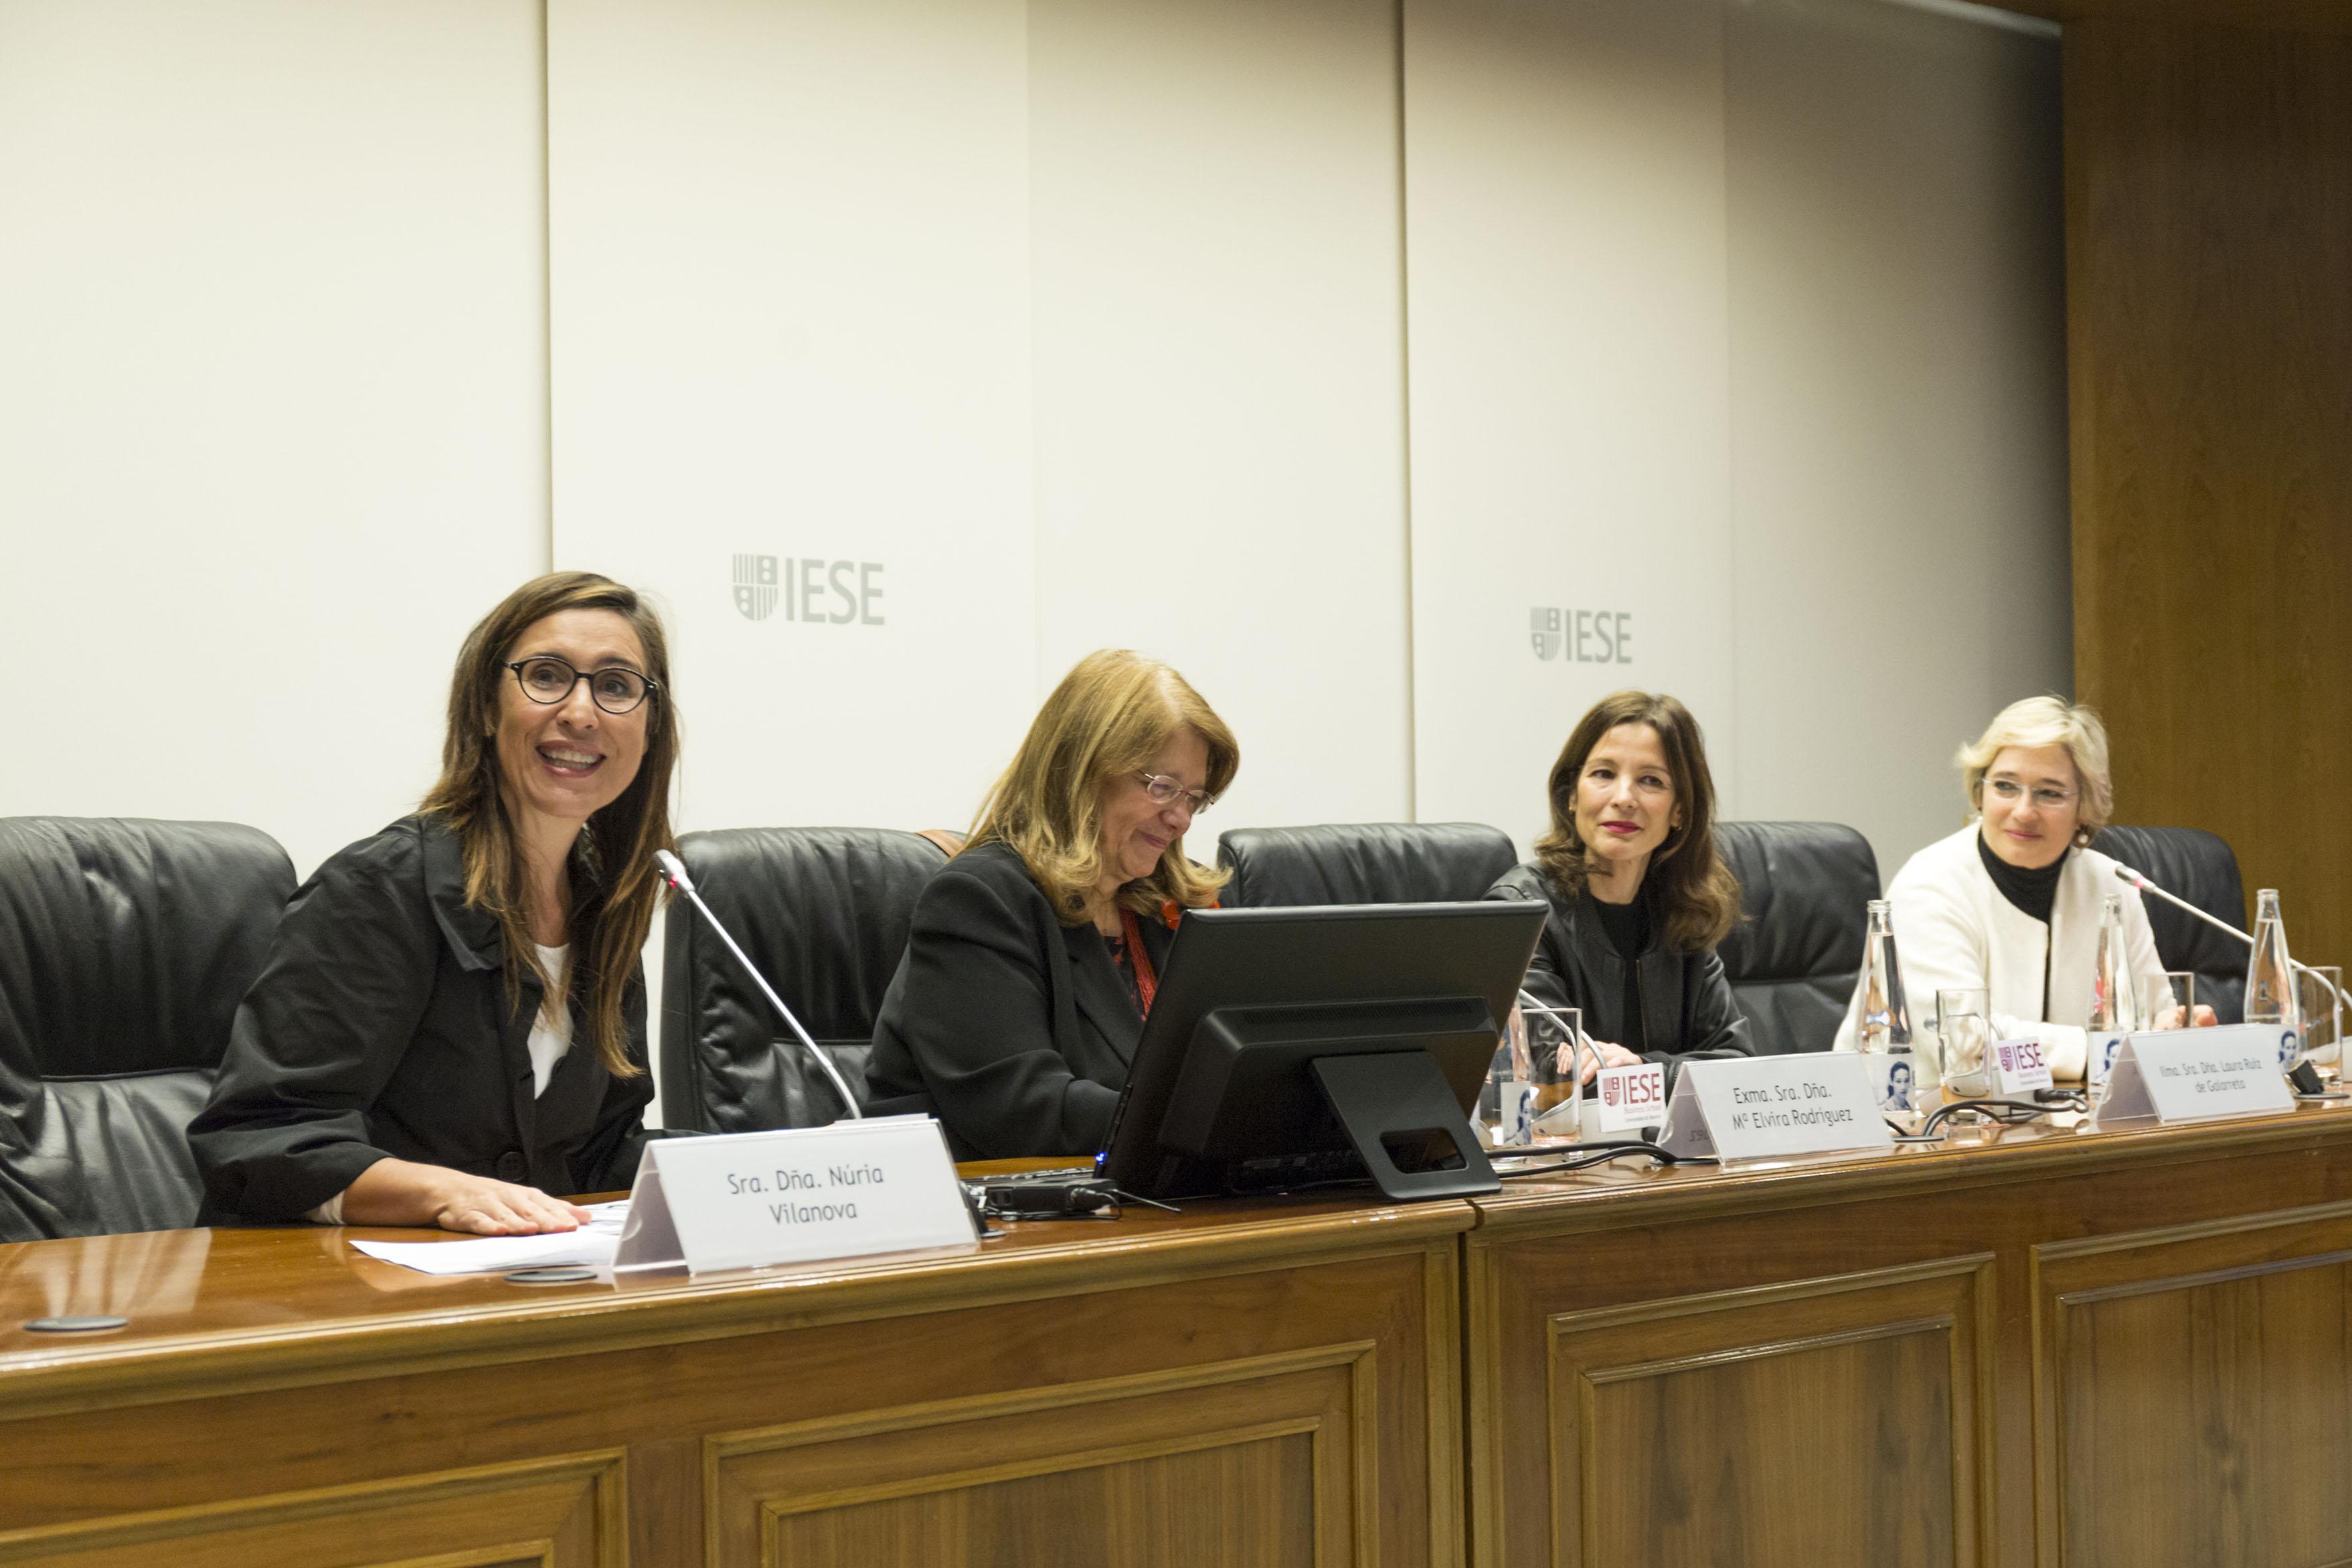 Núria Vilanova, presidenta de ATREVIA y copresidenta del Foro del Buen Gobierno y Accionariado; Elvira Rodríguez, presidenta de la Comisión Nacional del Mercado de Valores (CNMV); Laura Ruiz de Galarreta, directora general de la Mujer de la Comunidad de Madrid y Nuria Chinchilla, profesora de la Escuela de Negocios IESE.